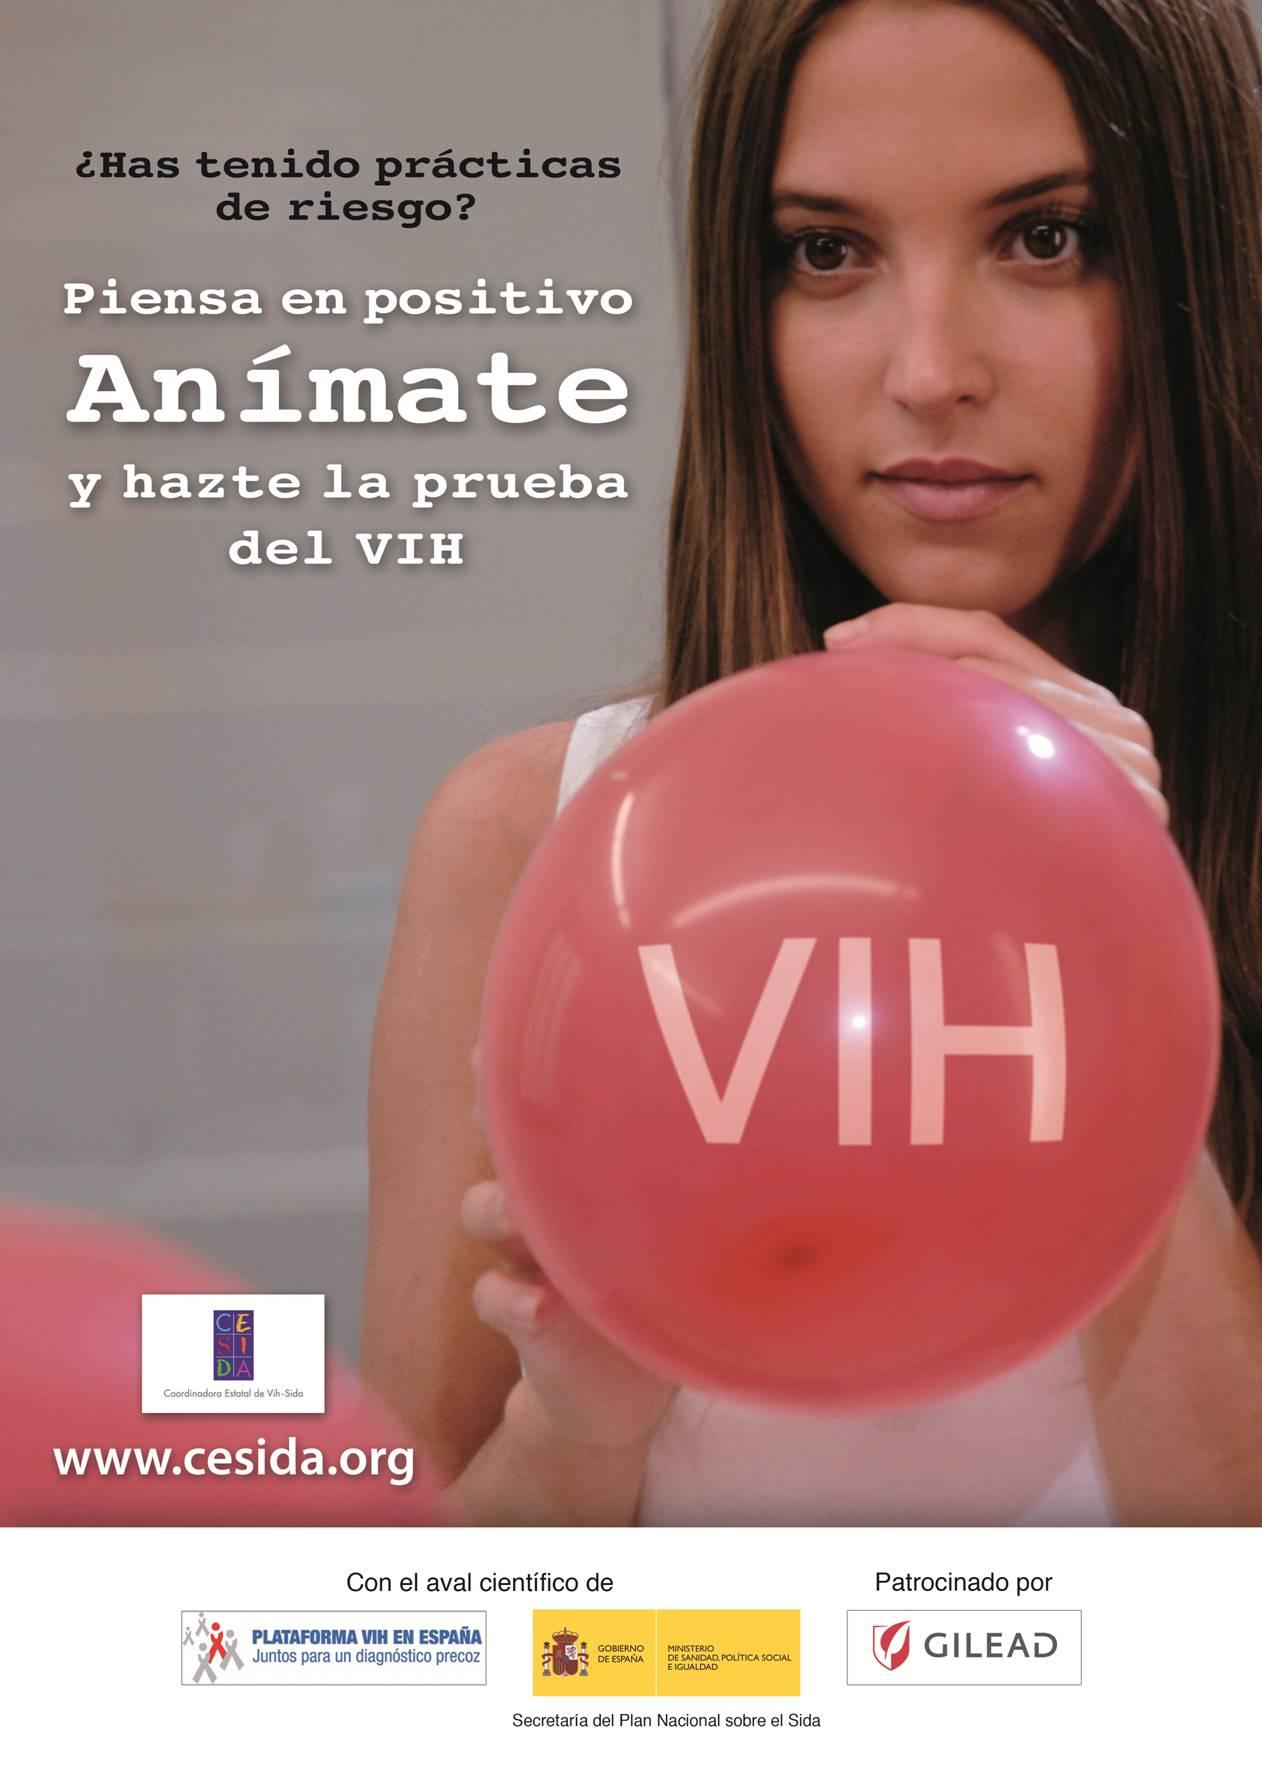 Año 2011: Campaña del Día de la Prueba del VIH: Piensa en Positivo